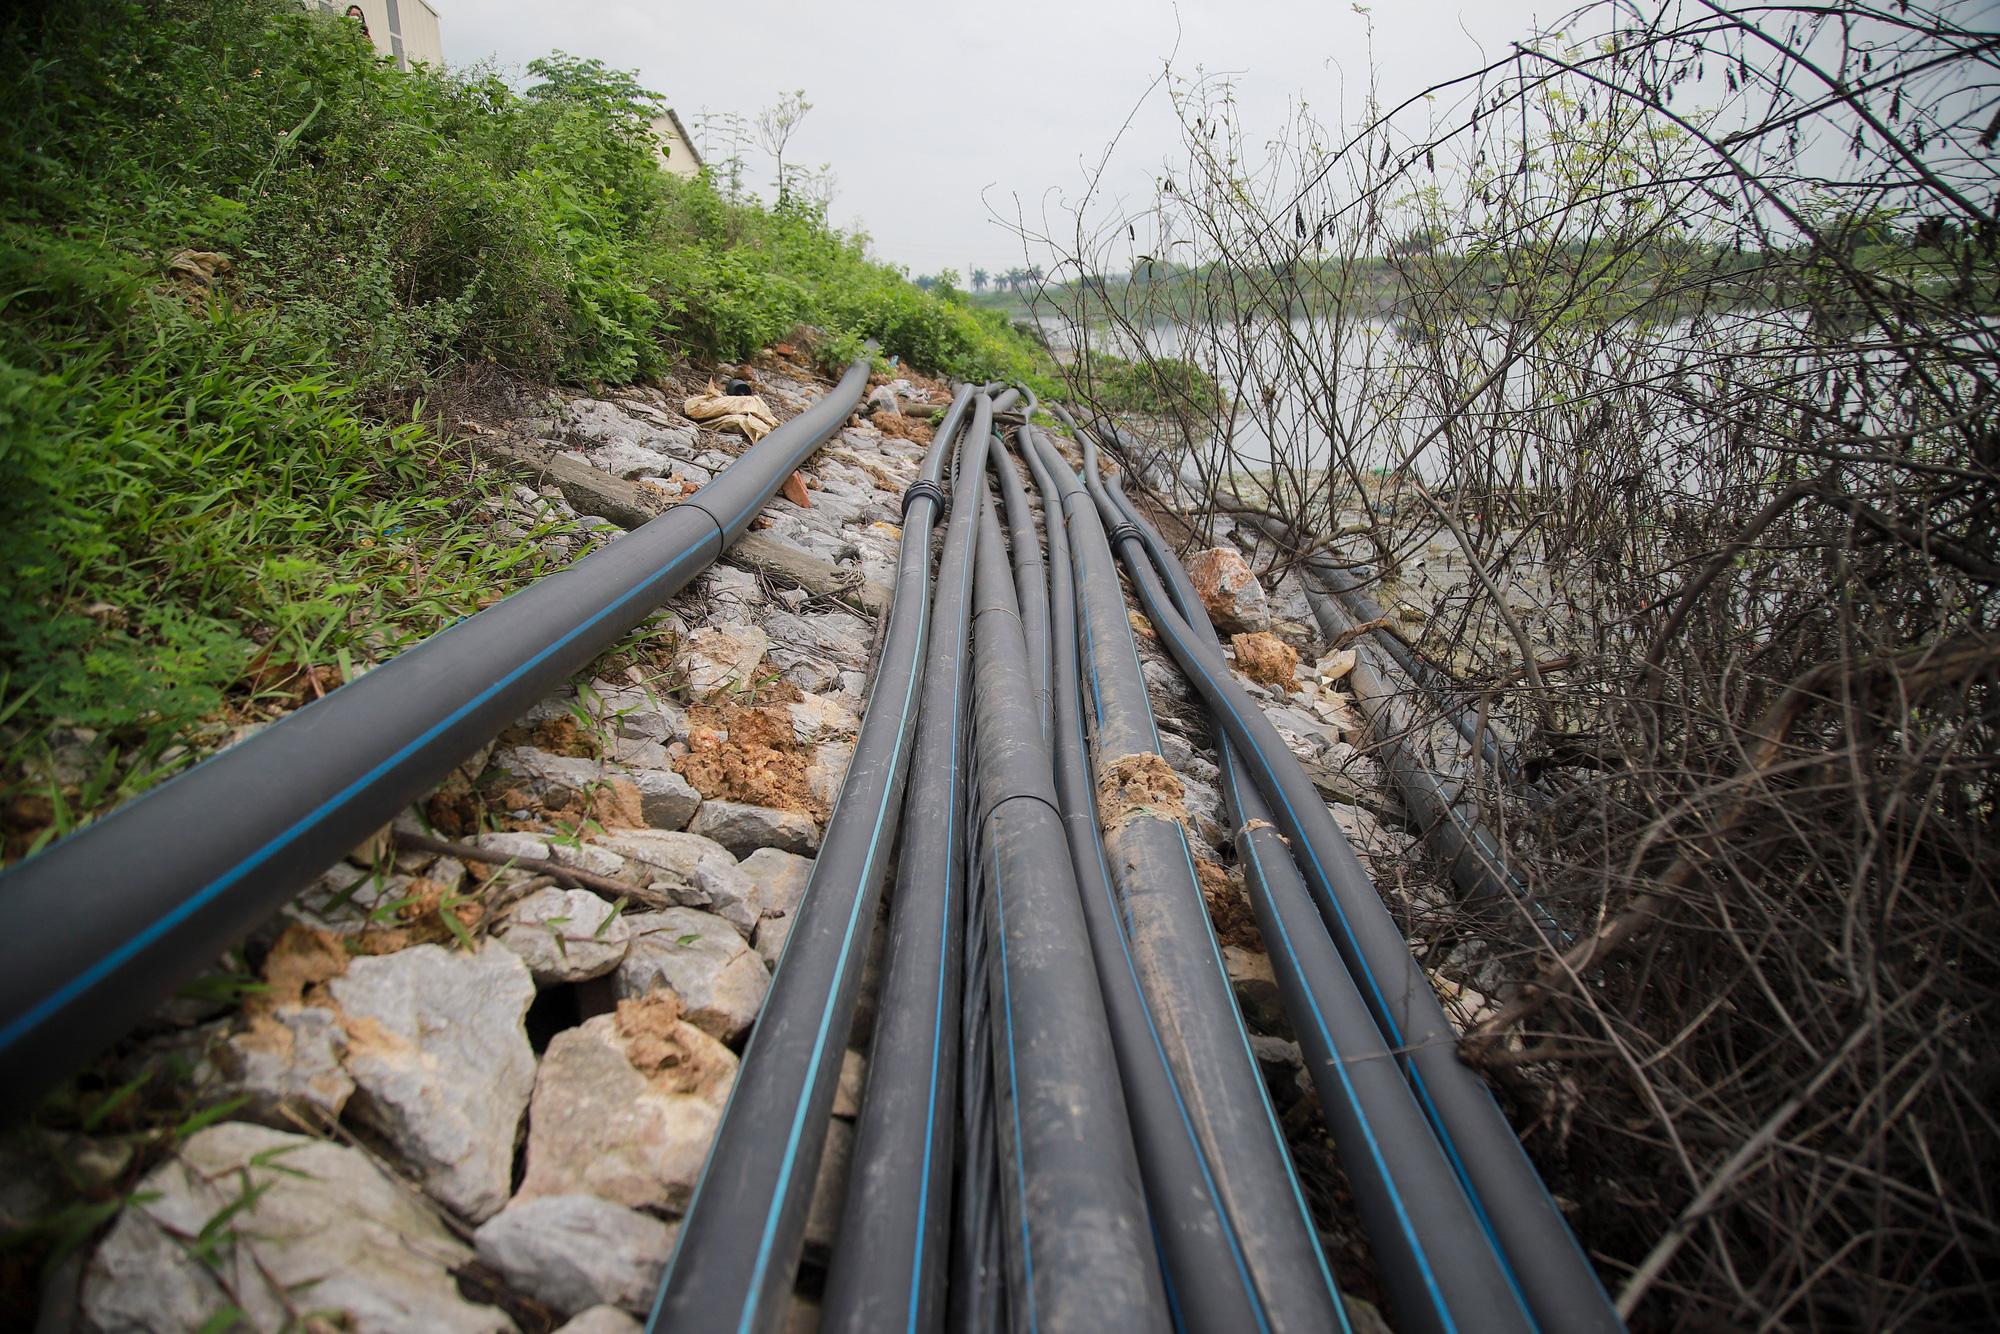 """Ô nhiễm kinh hoàng tại làng giấy Phú Lâm, Phong Khê, Phó Chủ tịch tỉnh Bắc Ninh ra tuyên bố """"rắn"""" với doanh nghiệp - Ảnh 3."""